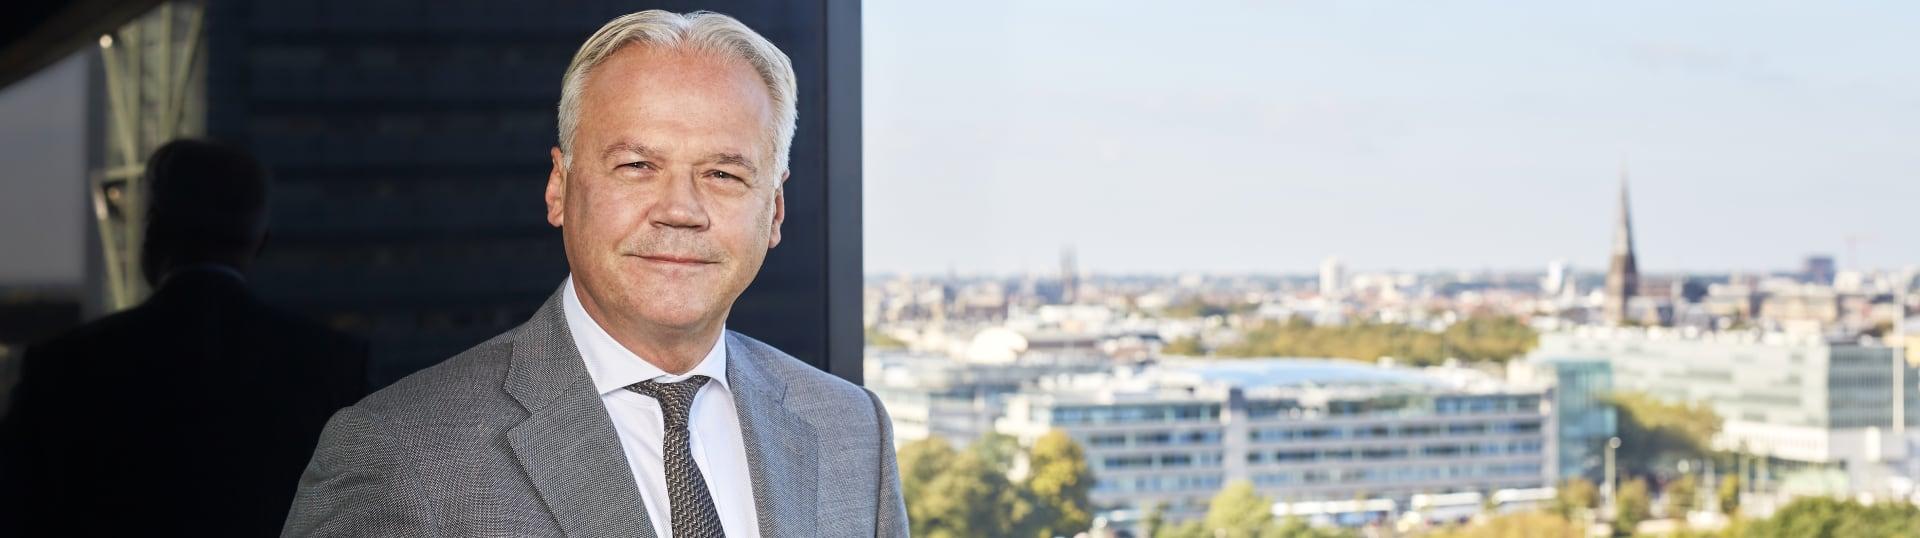 René van de Klashorst, advocaat Pels Rijcken